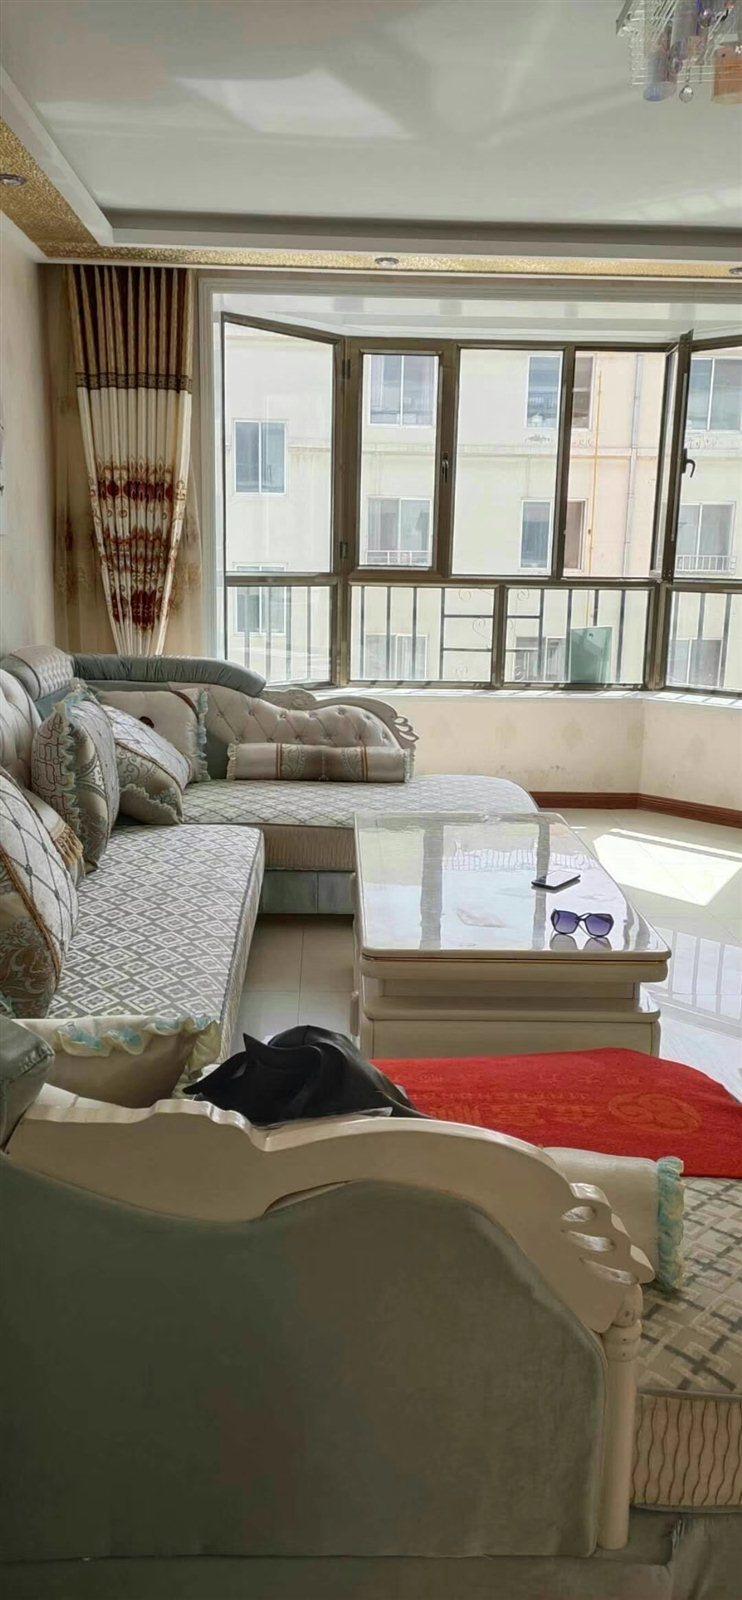 新城区汉王酒店附近3室 2厅 1卫53.8万元